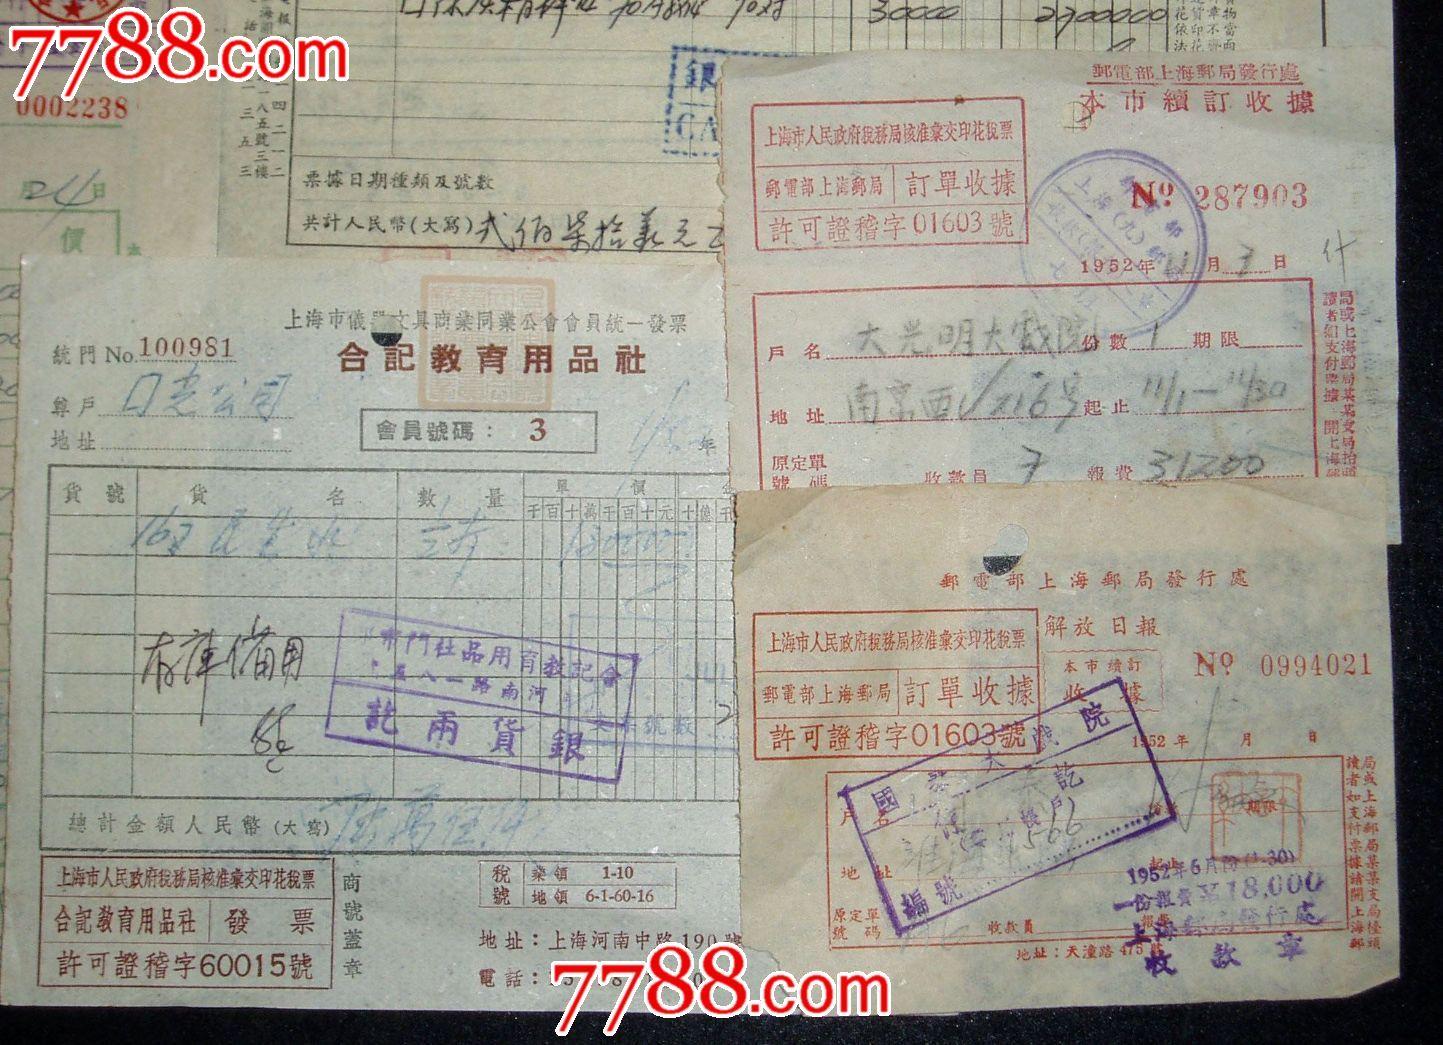 133上海五十年代发票收据正印盖(核准汇交印花税票)章